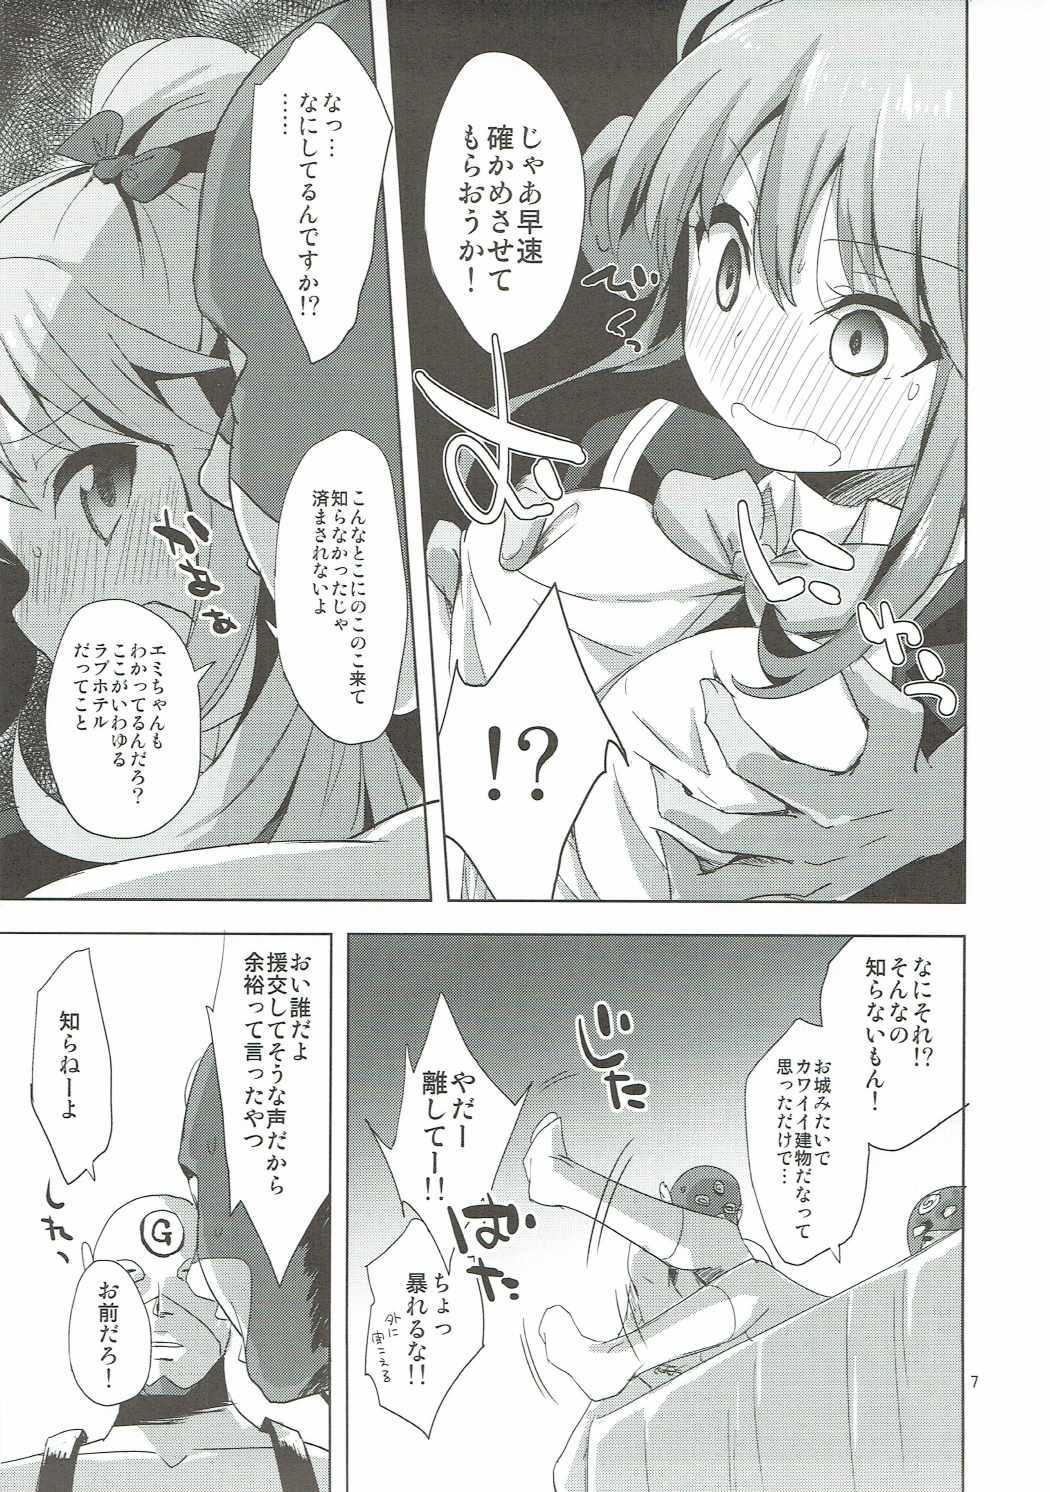 Machi de Mikaketa Kyonyuu Performer Sagara Emi-chan ga Chou Ero Kawaikatta node Damashite Love Hotel ni Tsurekonde Nakadashi Sex Shichau Hon 5